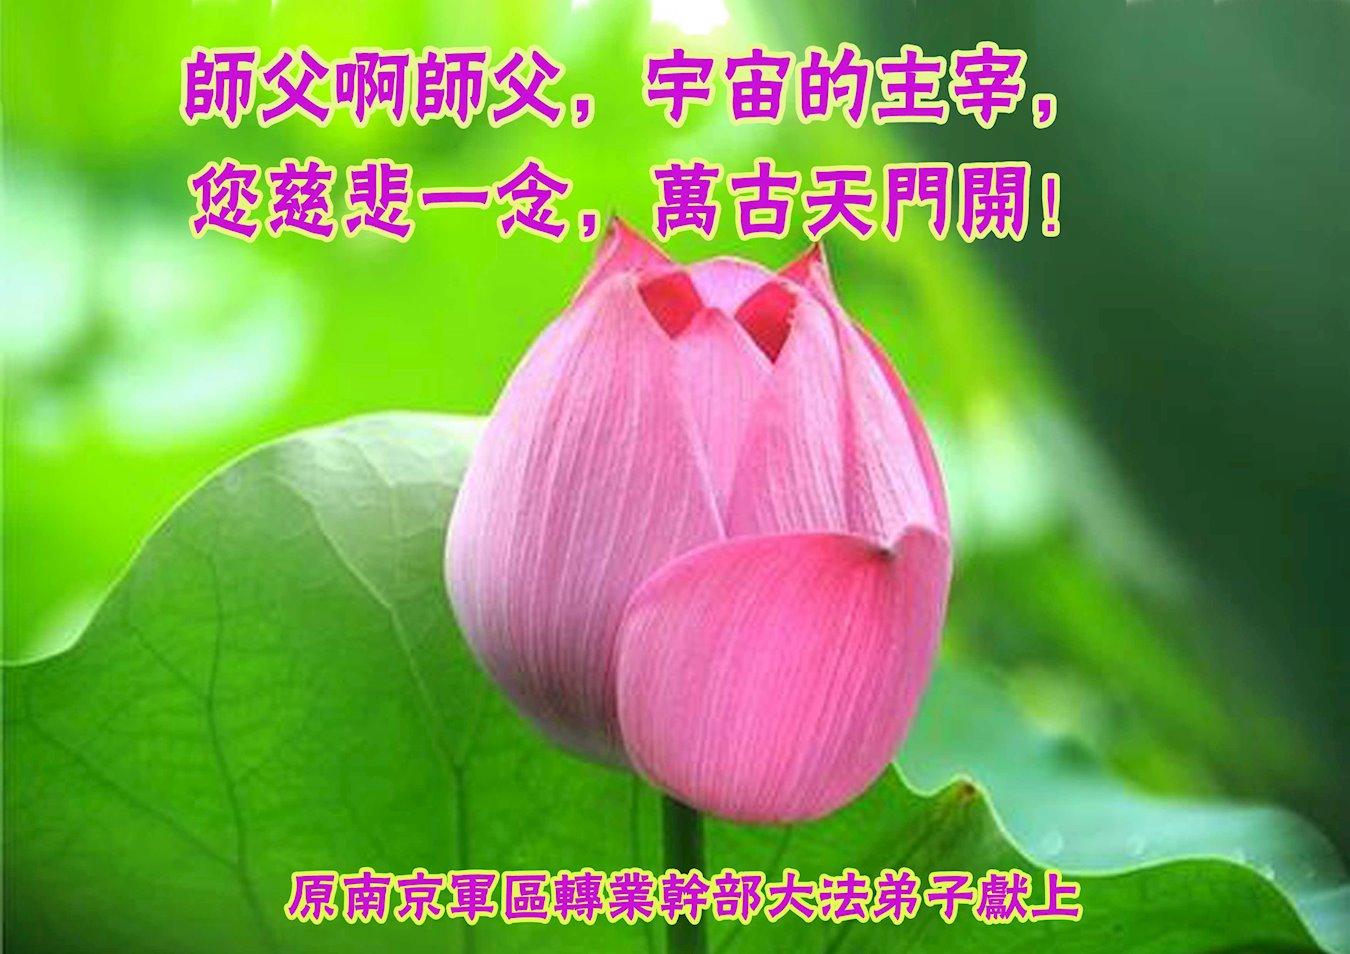 原南京軍區轉業幹部恭祝李洪志大師新年快樂!(明慧網)